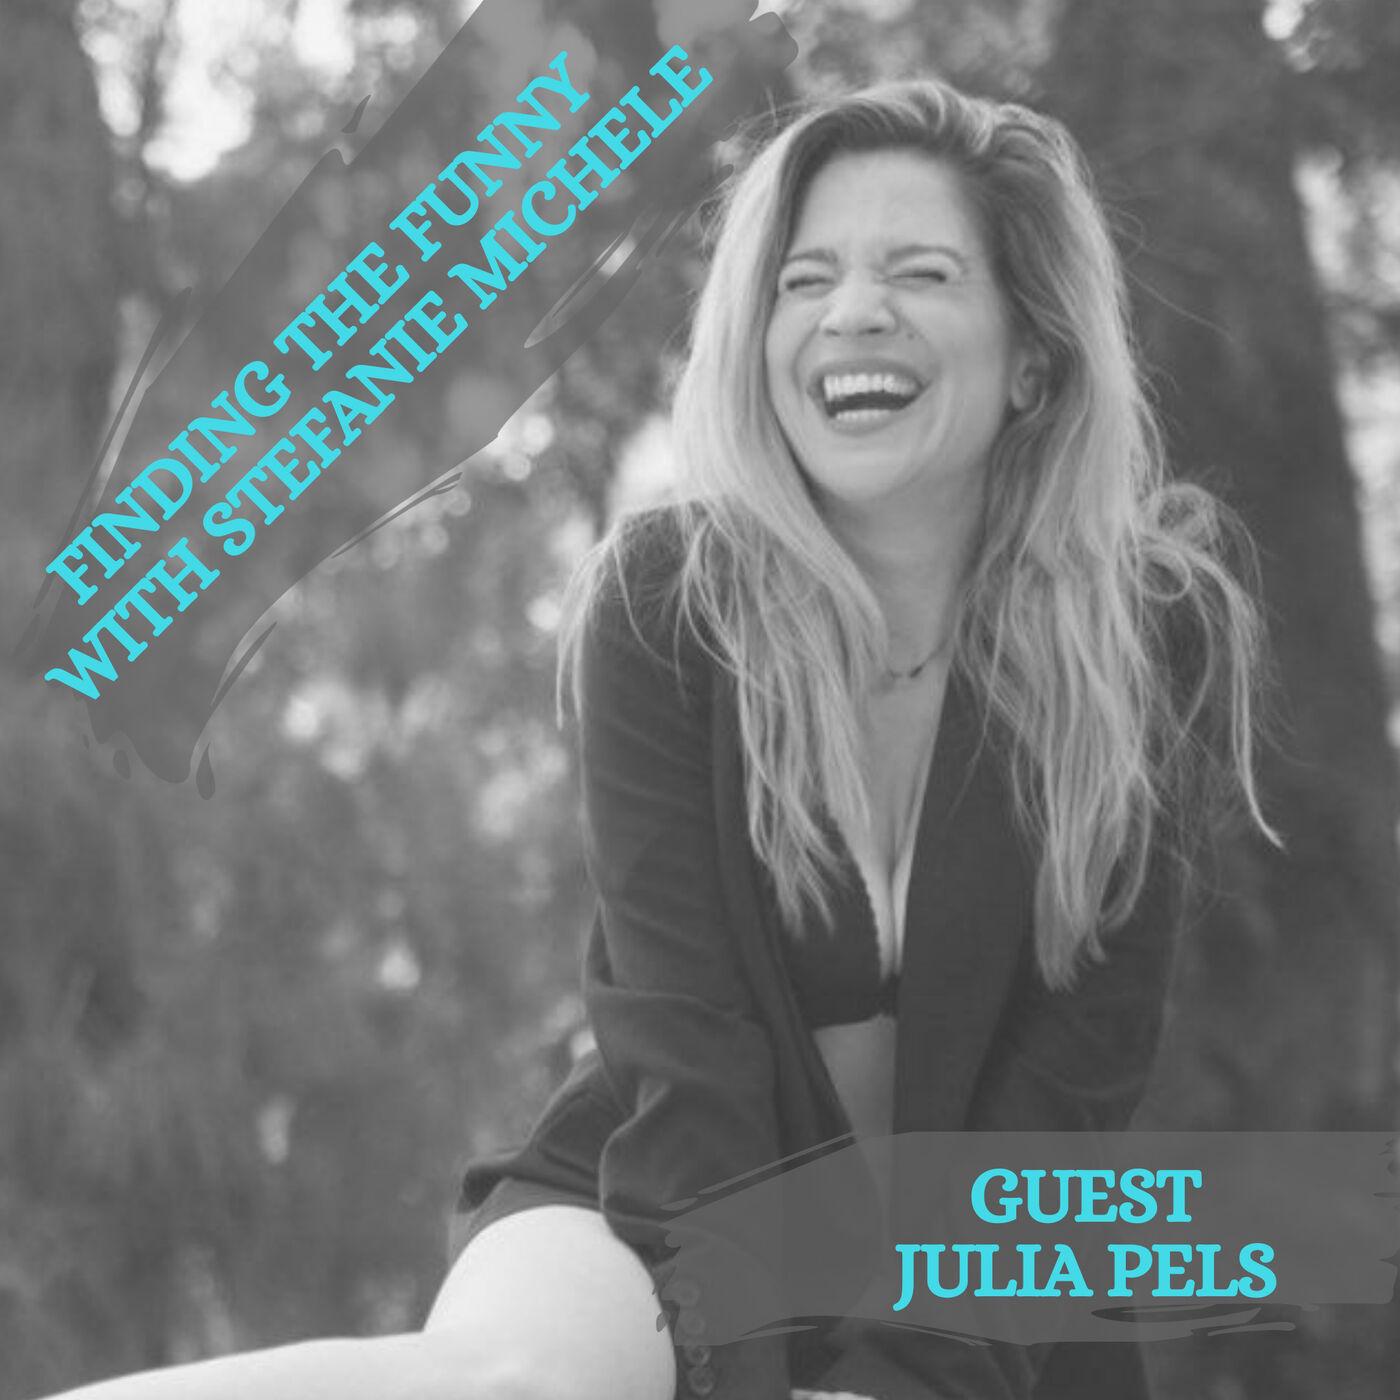 Julia Pels